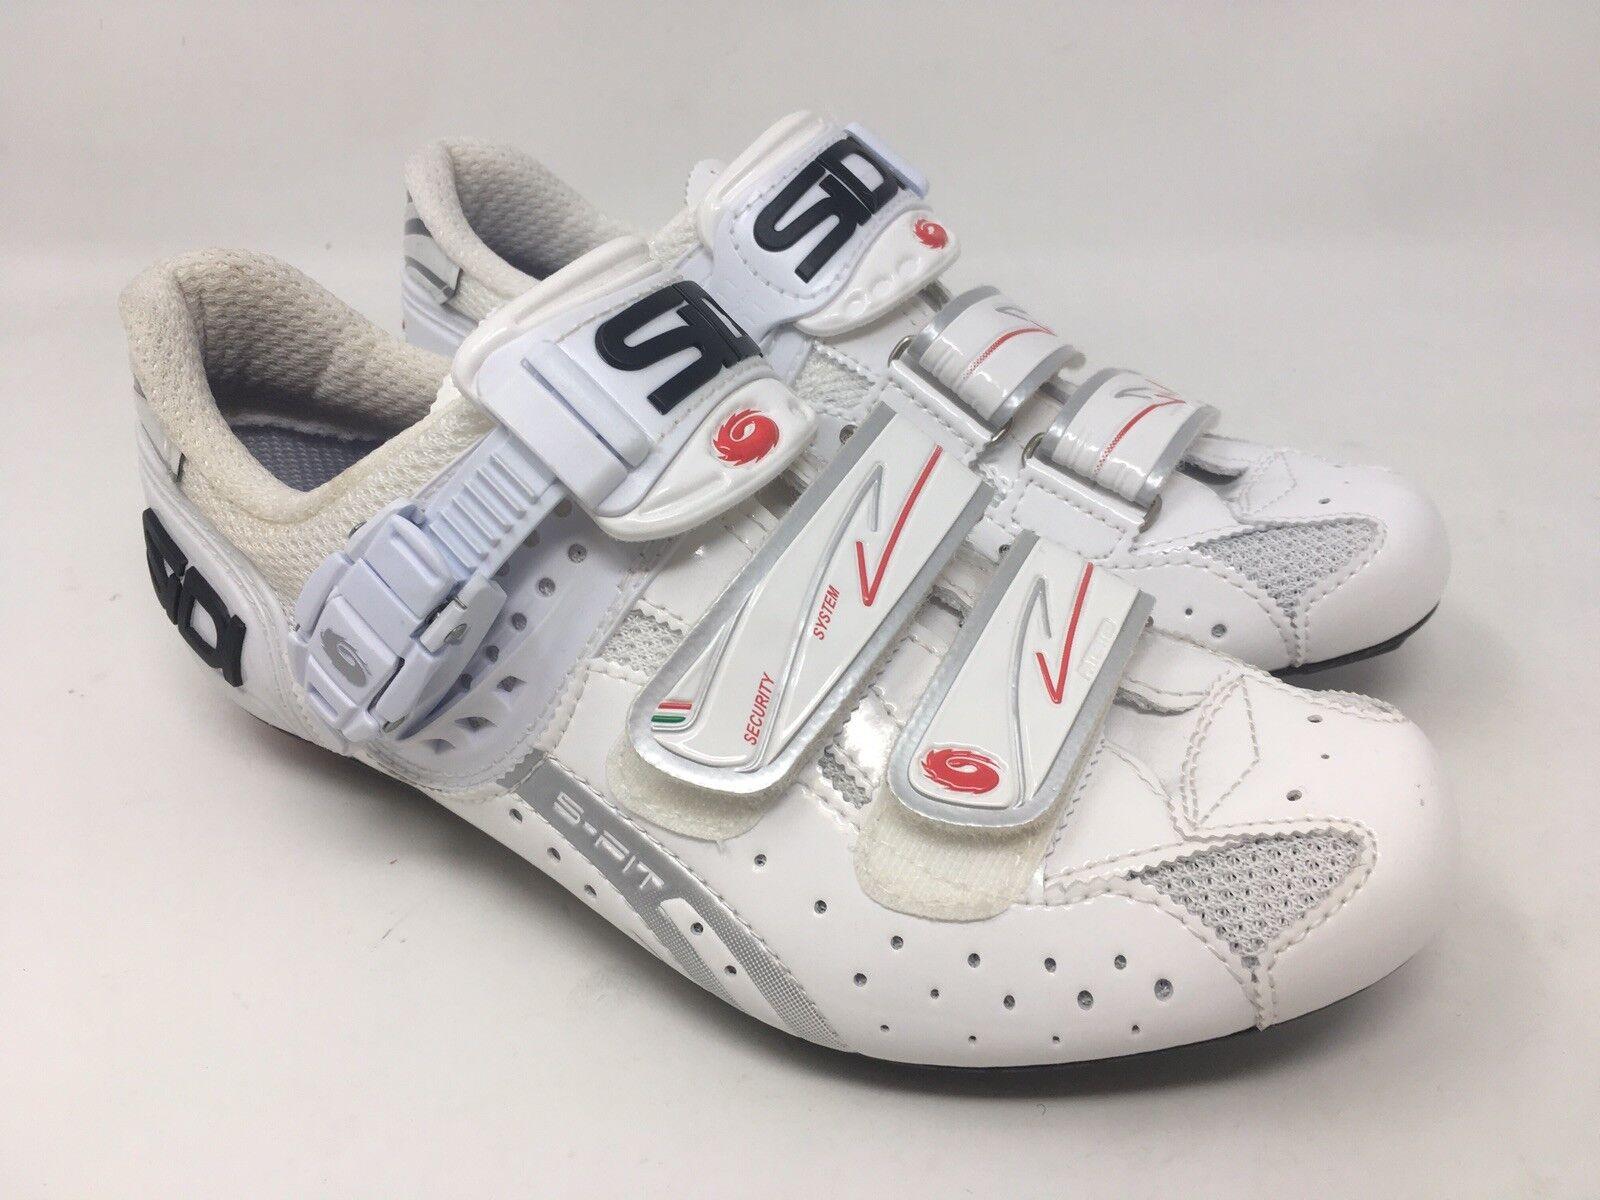 NEW IN IN NEW BOX SIDI GENIUS FIT  Damenschuhe Road Cycling Schuhes EU 39 /US 7 Weiß e06c7c